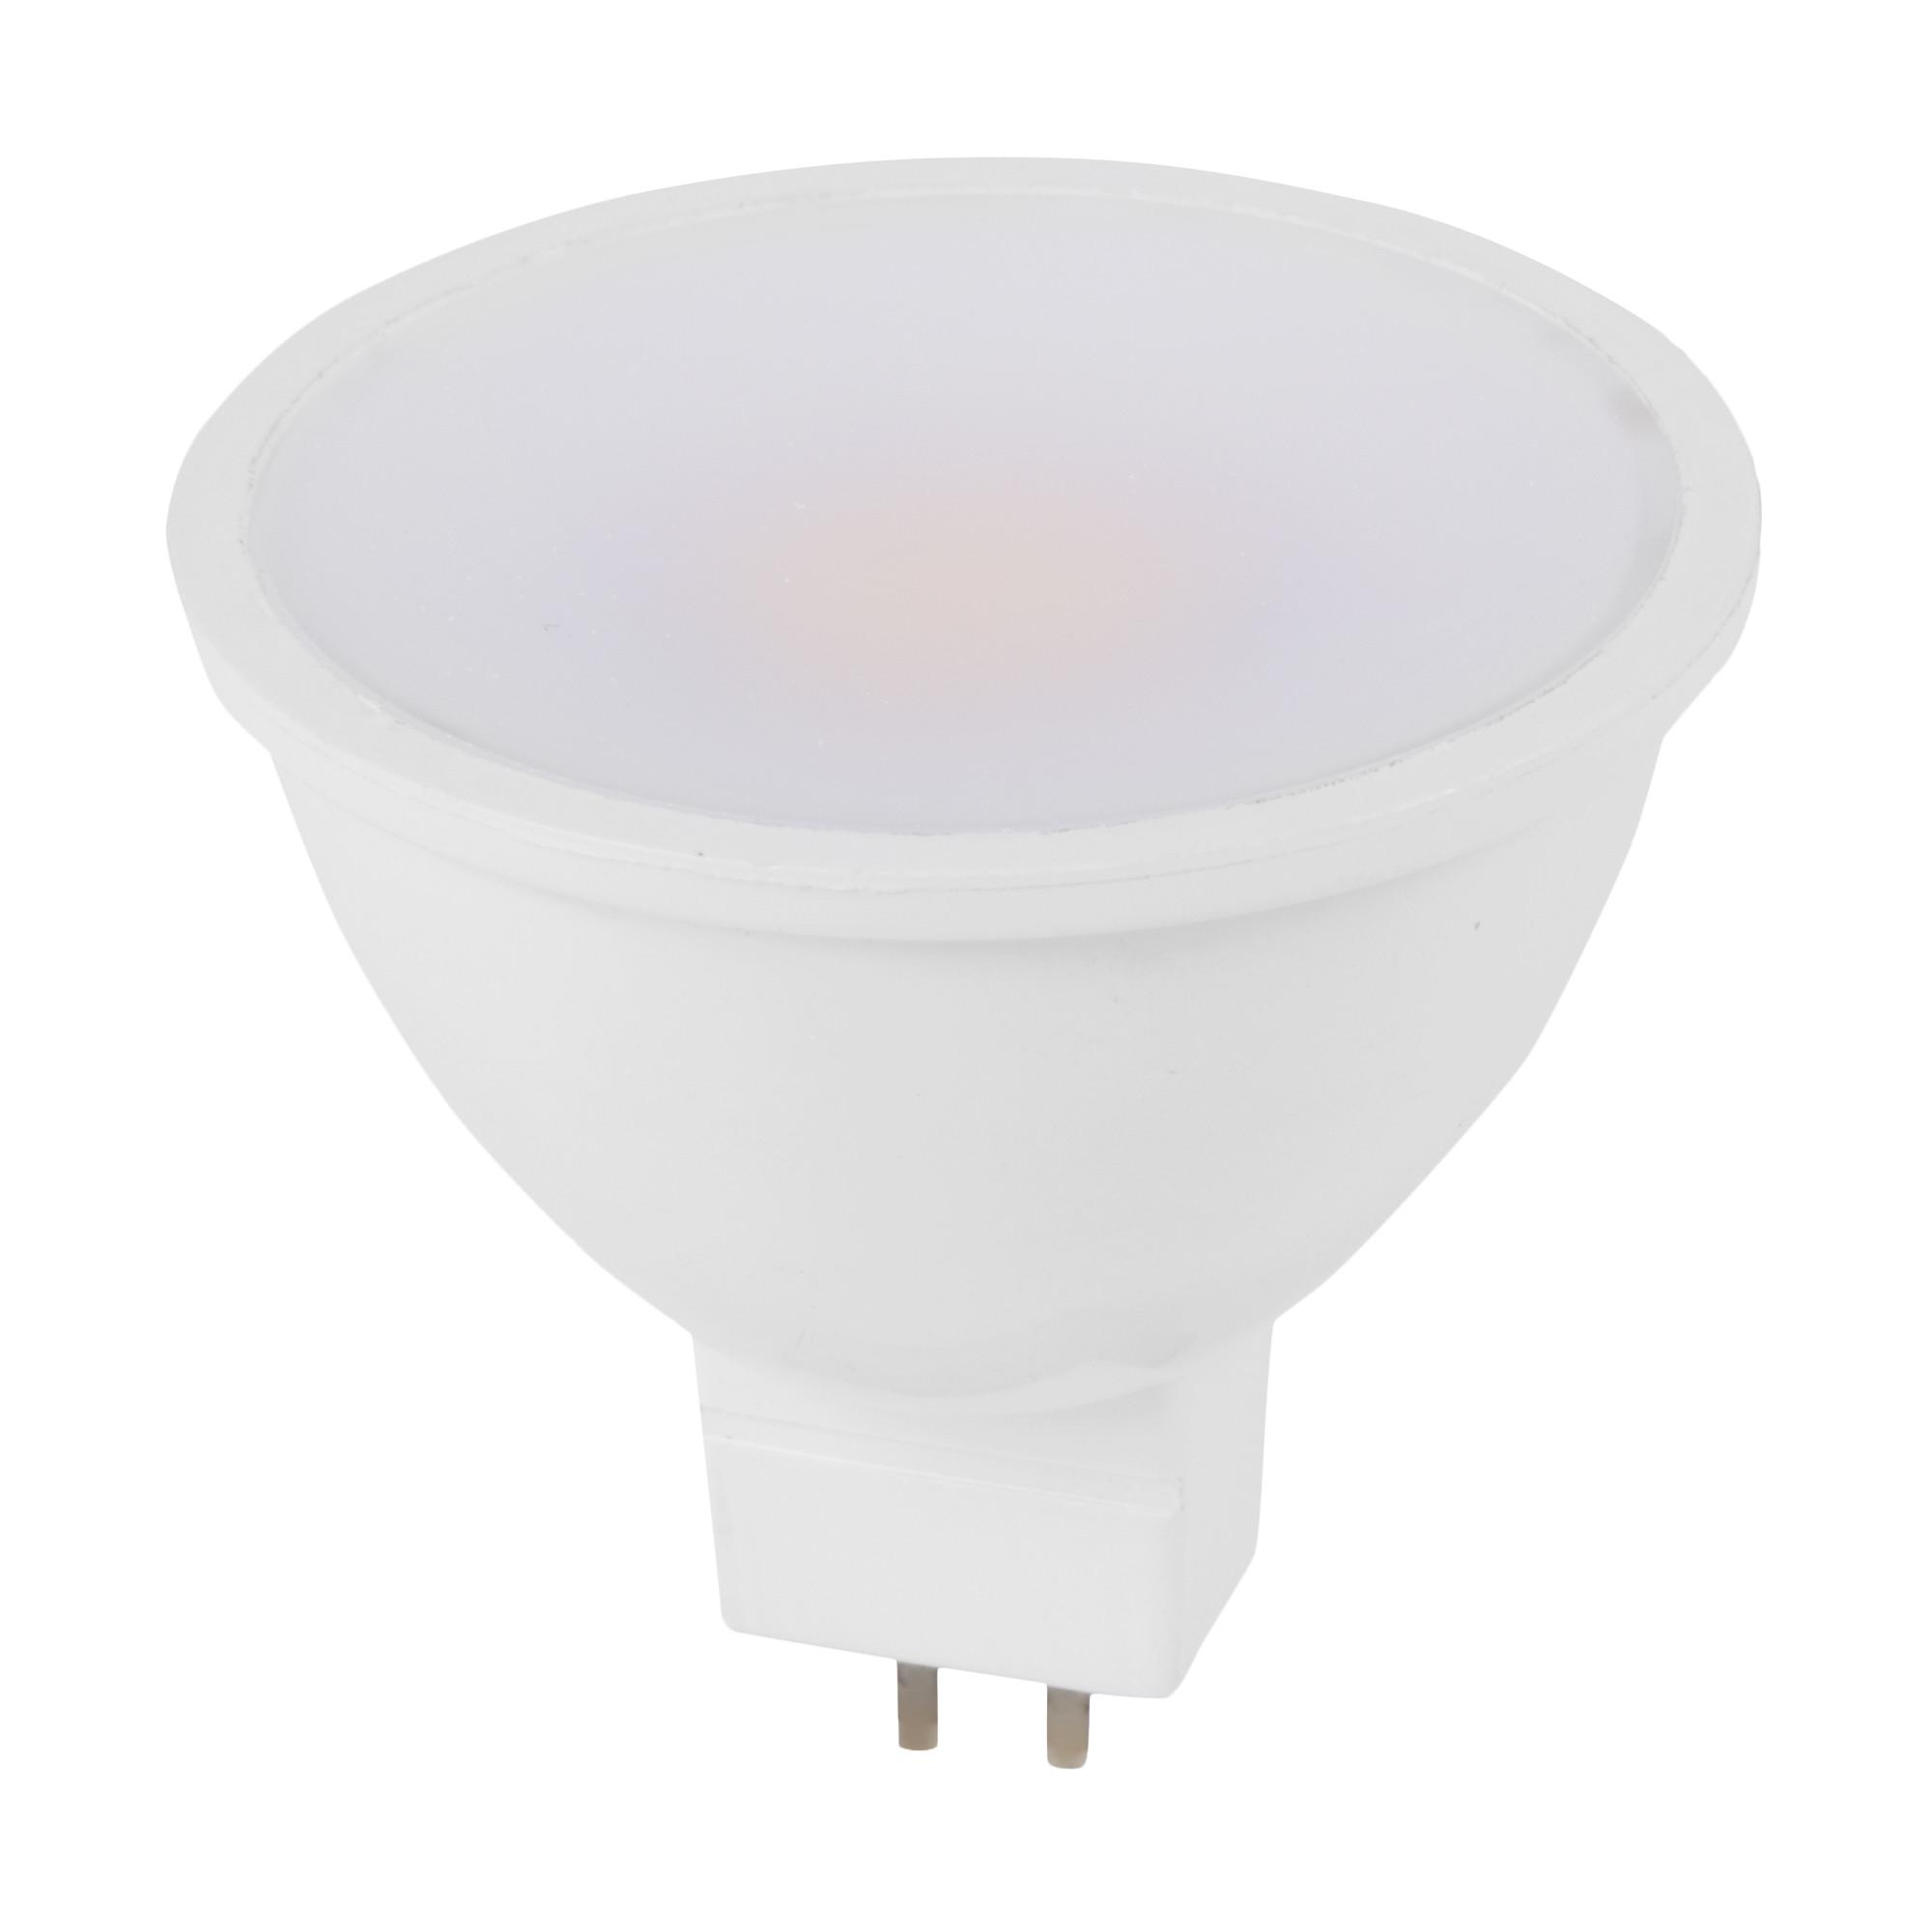 Лампа светодиодная Lexman рефлектор GU5.3 7 Вт 750 Лм 4000K